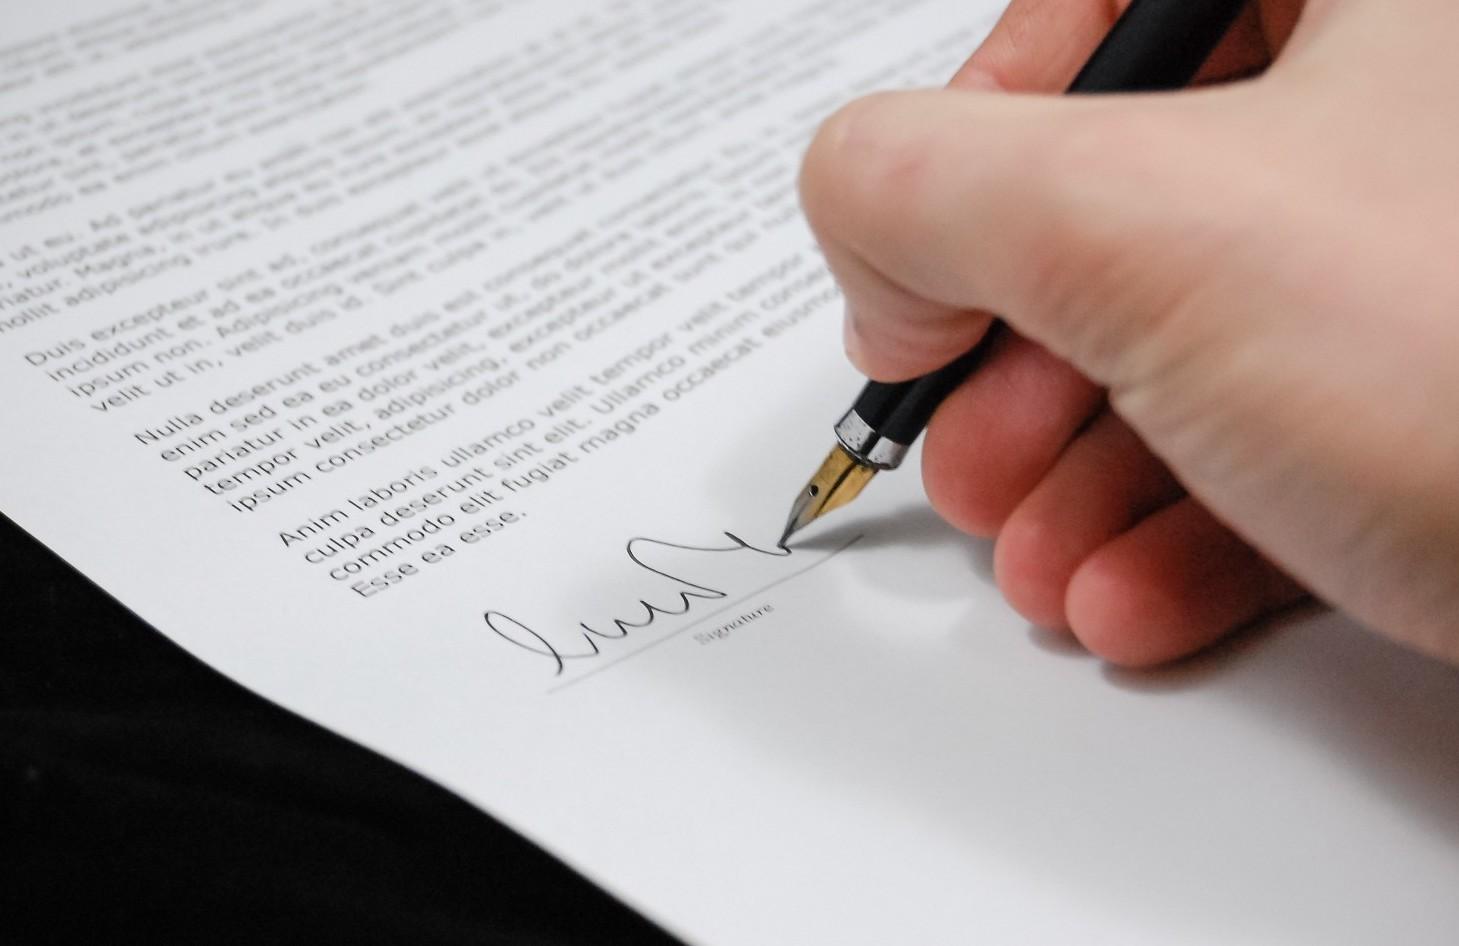 Lettera di diffida come rispondere, cosa fare se si riceve. Come difendersi